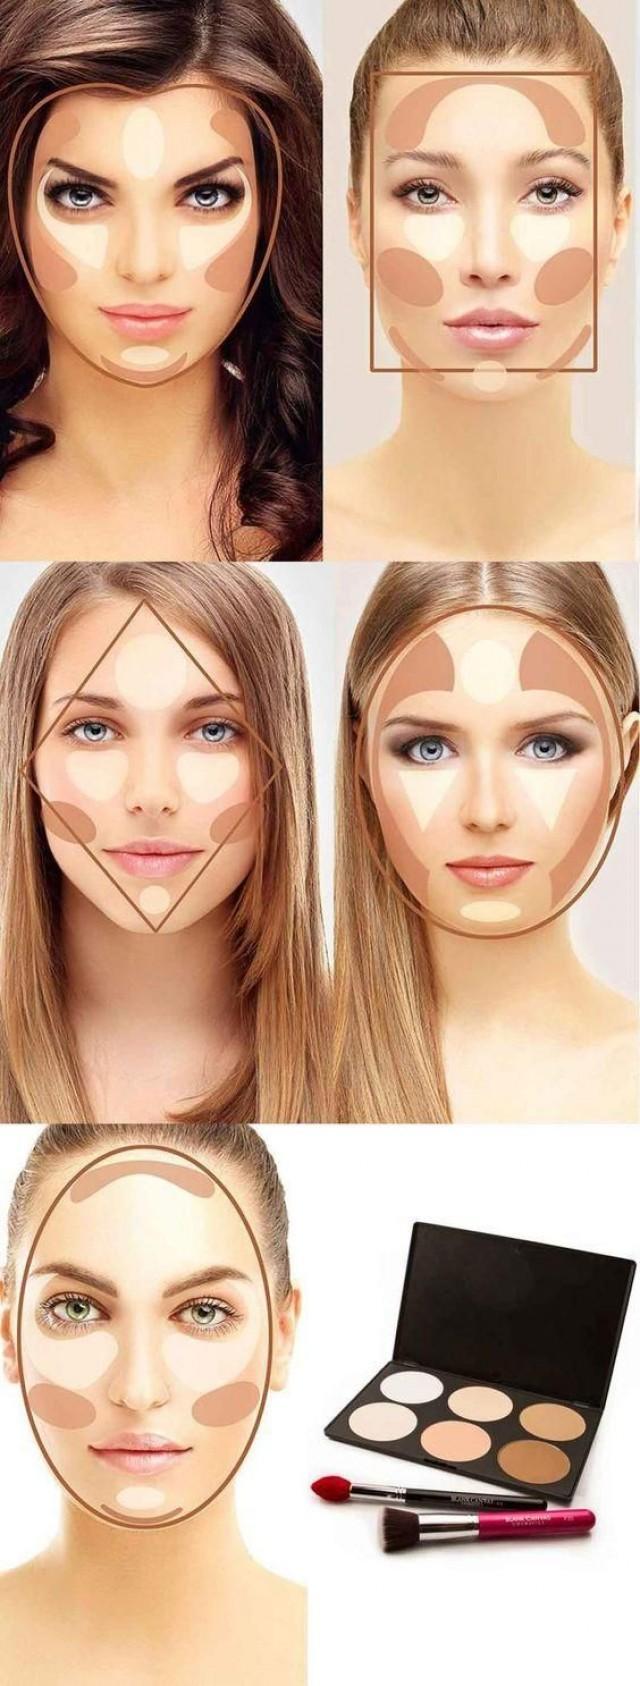 Makeup contour